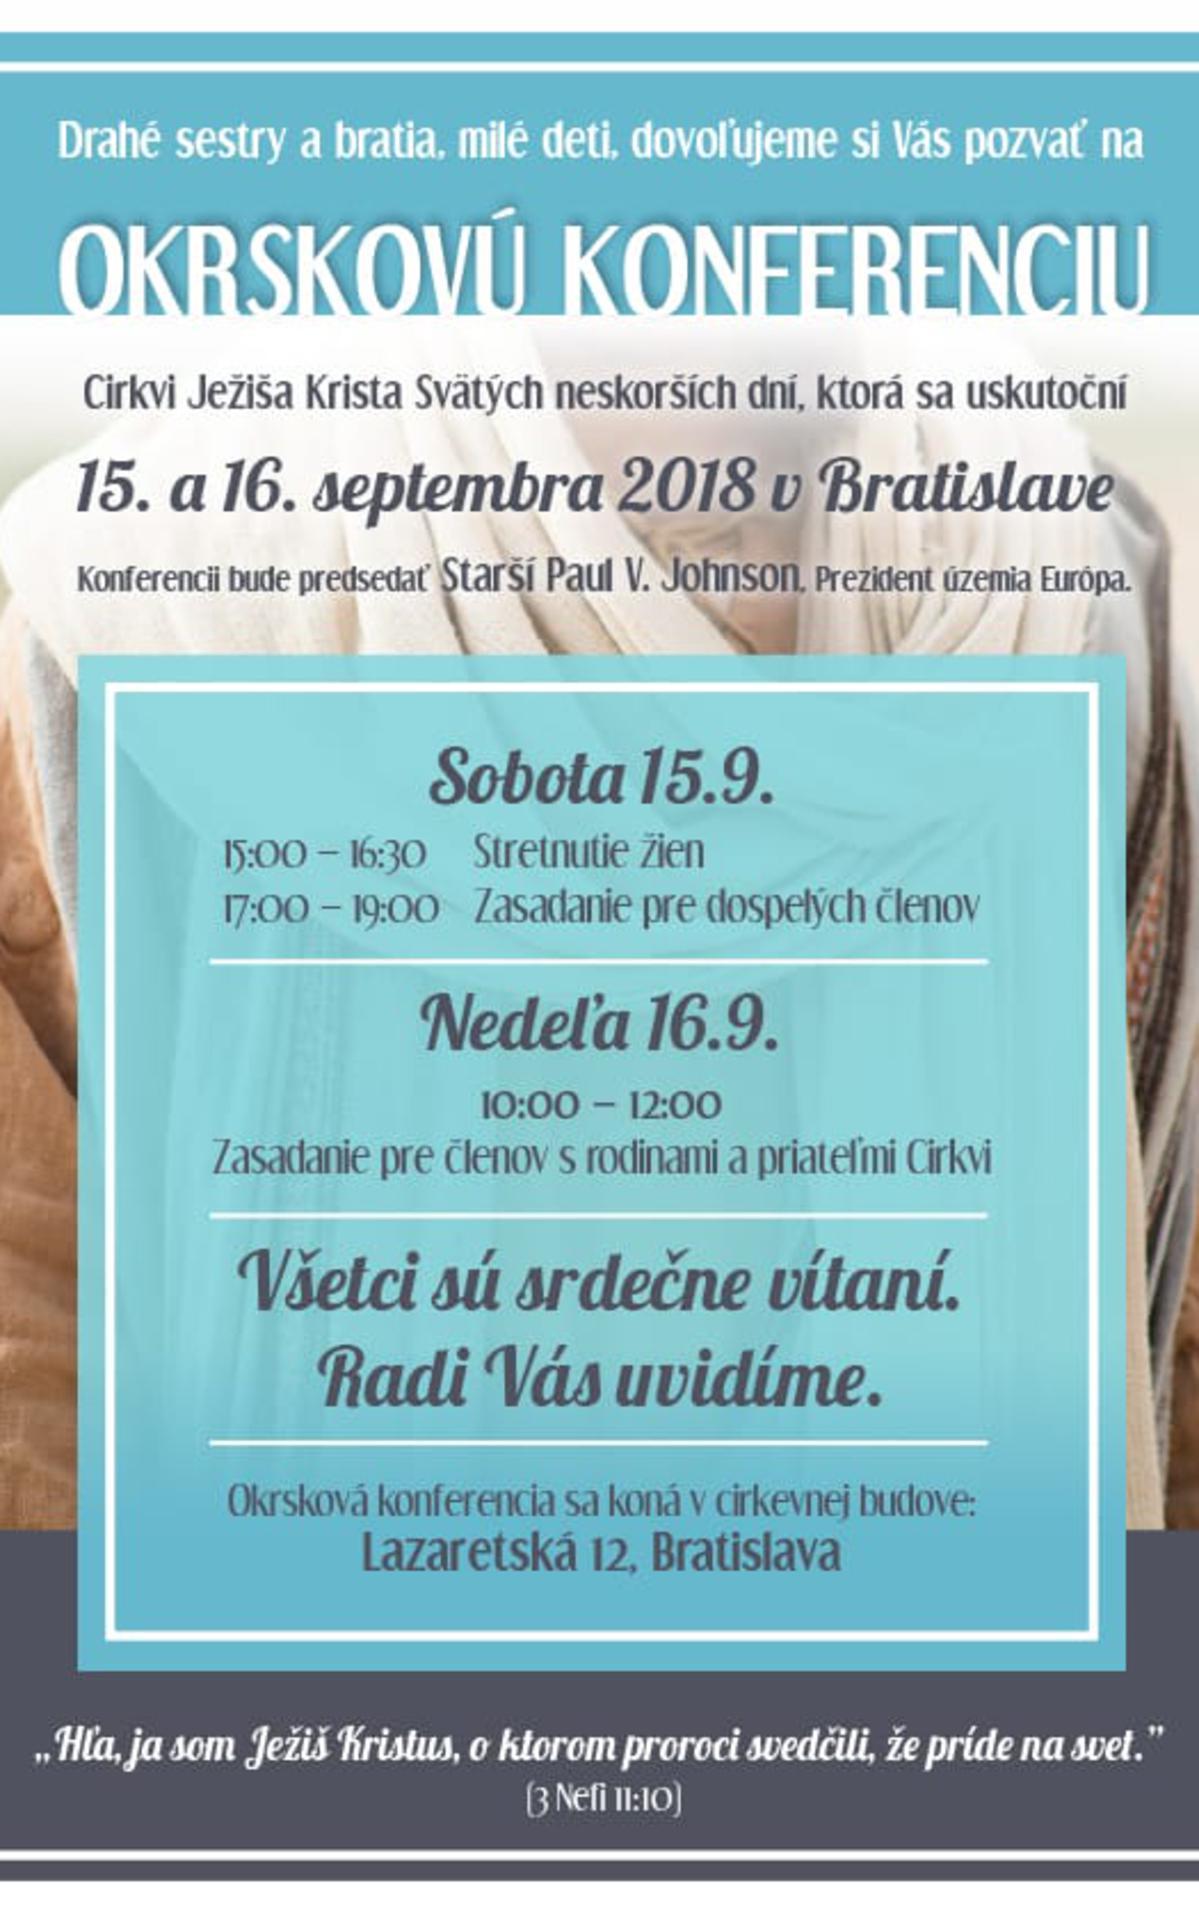 Pozvánka na okrskovú konferenciu